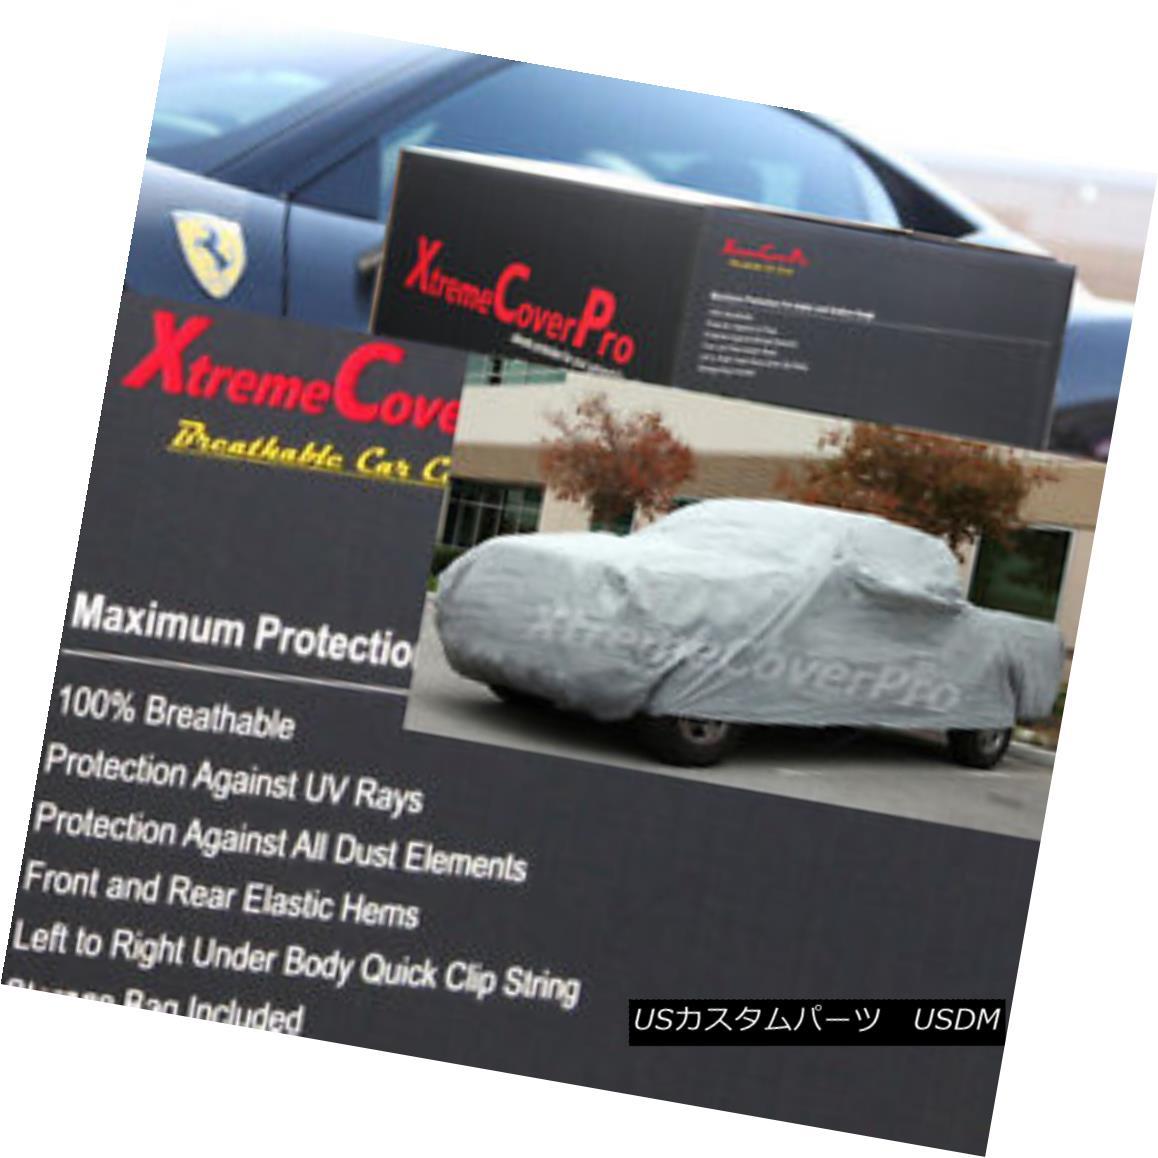 カーカバー 1998 1999 2000 2001 Dodge Ram 1500 Reg Cab 8ft Long Bed Breathable Truck Cover 1998 1999 2000 2001ダッジラム1500レッグキャブ8フィートロングベッド通気性トラックカバー